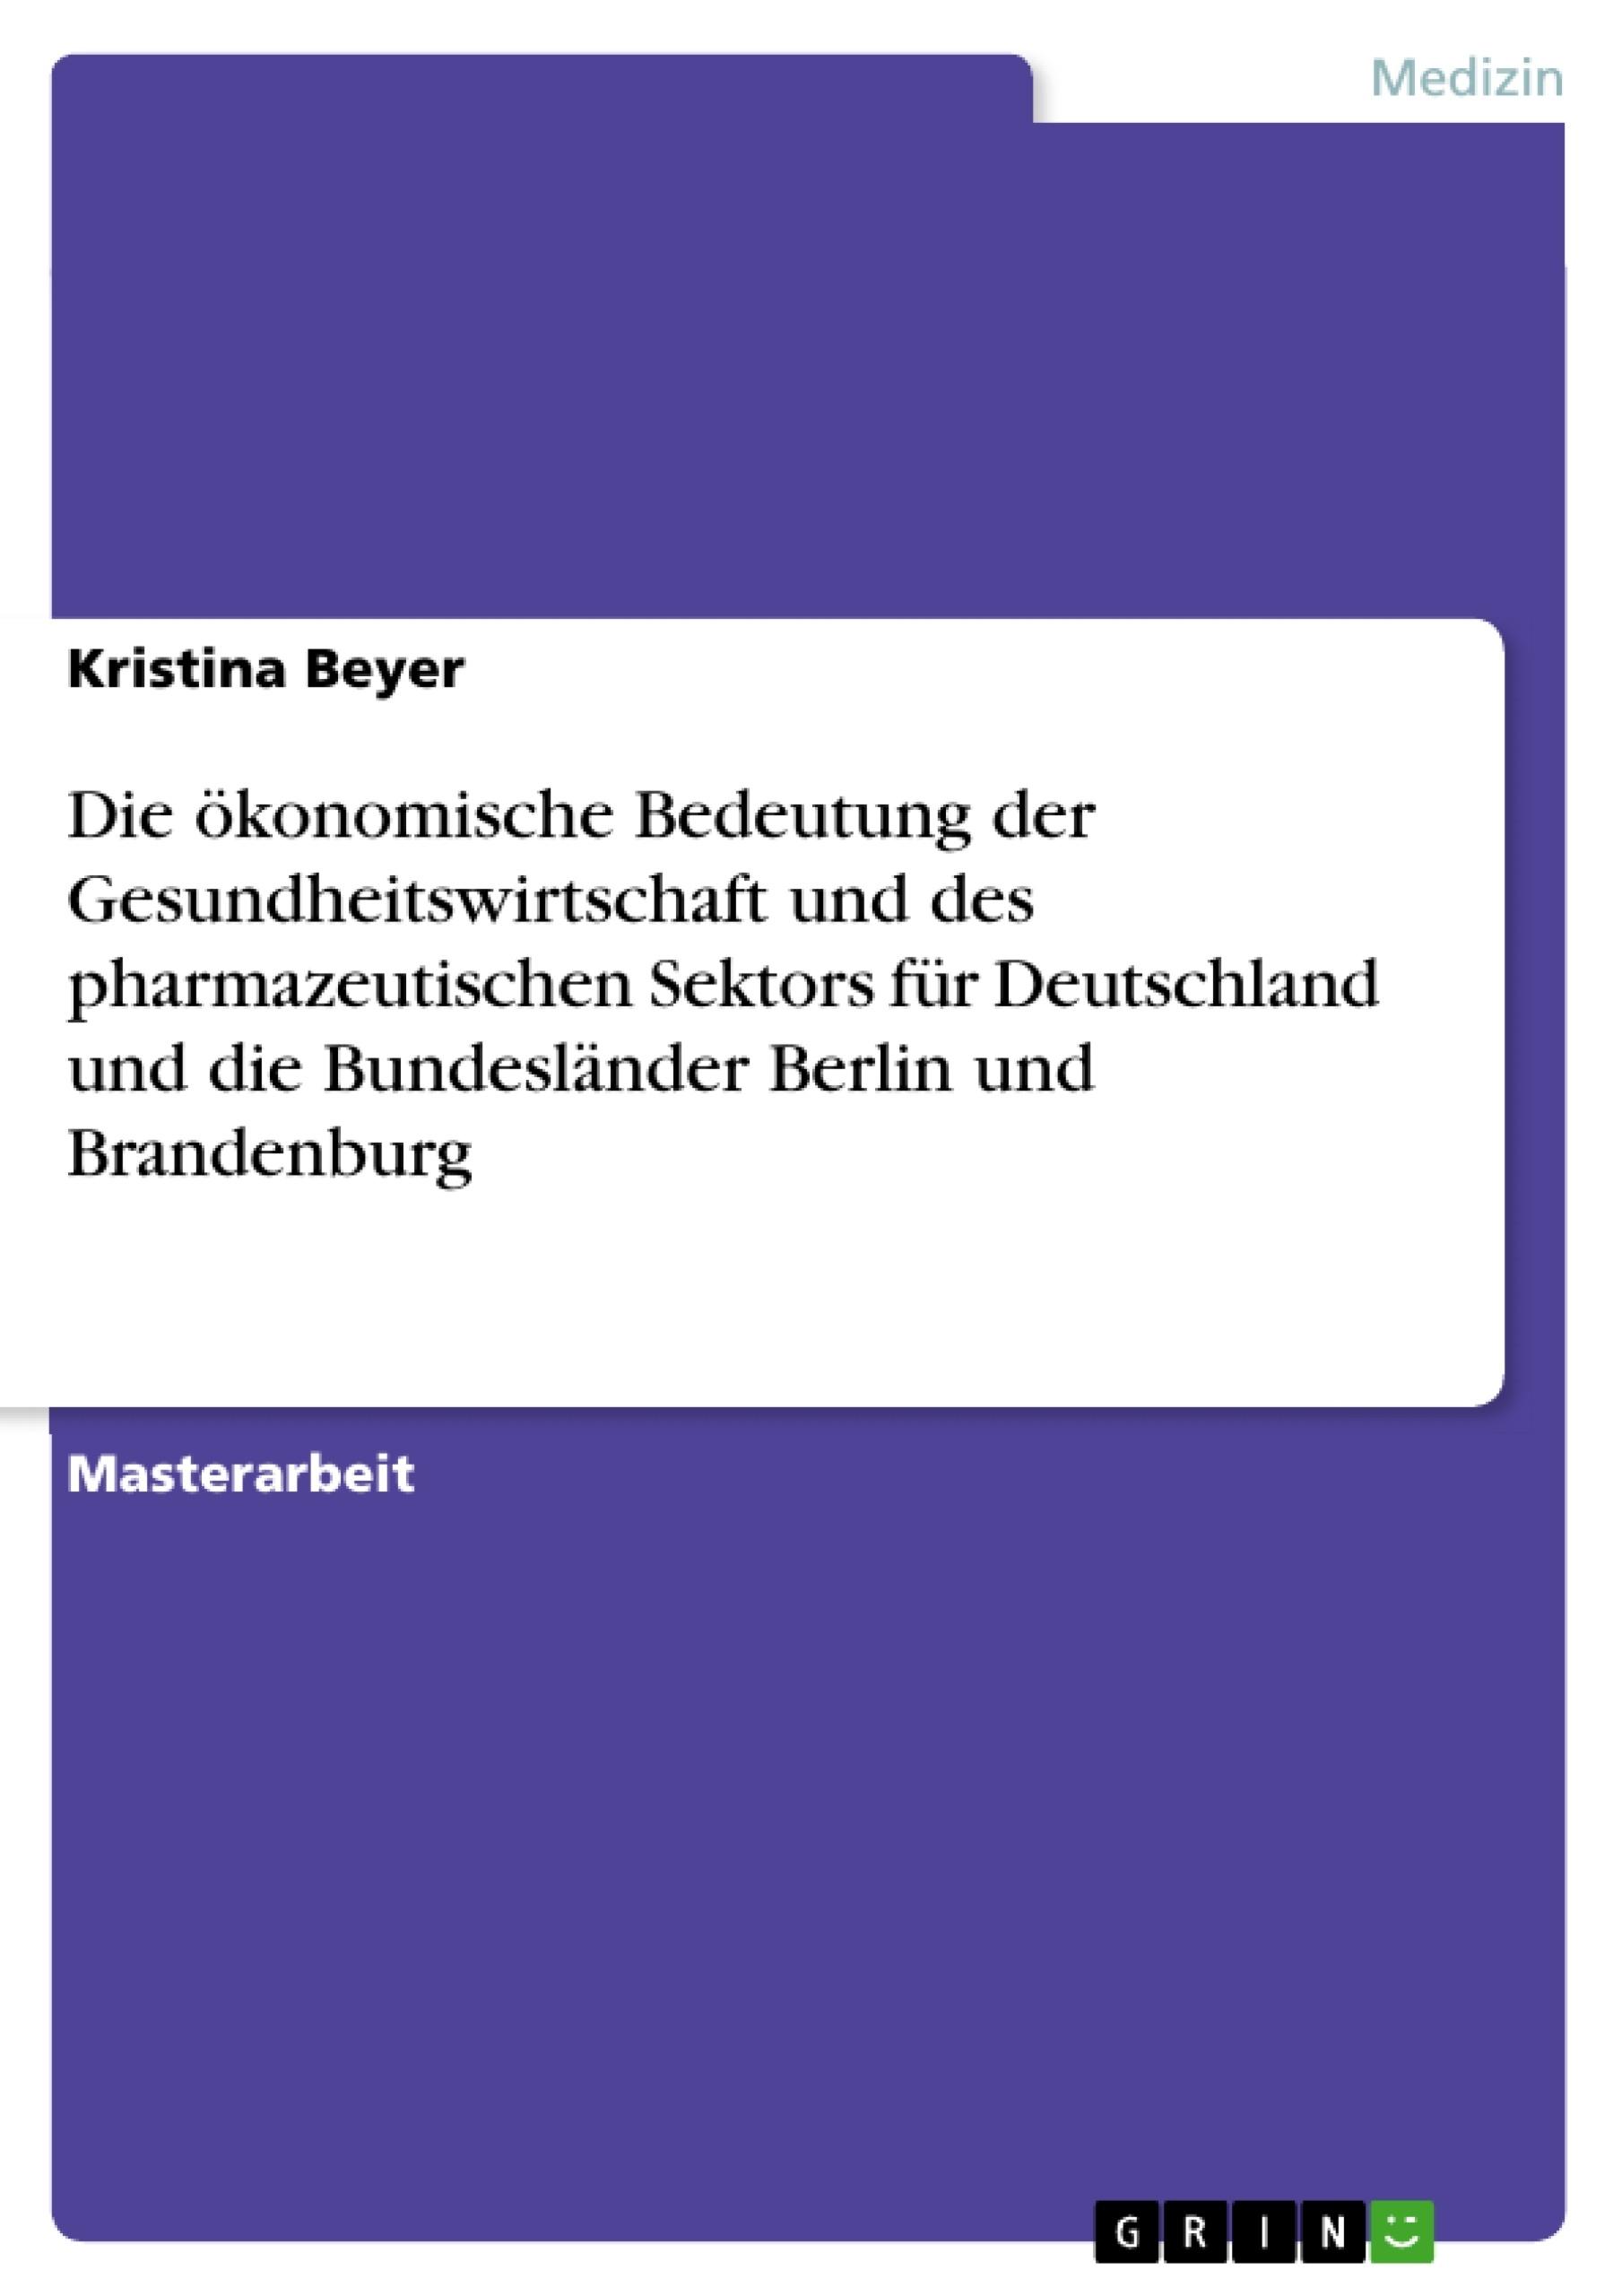 Titel: Die ökonomische Bedeutung der Gesundheitswirtschaft und des pharmazeutischen Sektors für Deutschland und die Bundesländer Berlin und Brandenburg